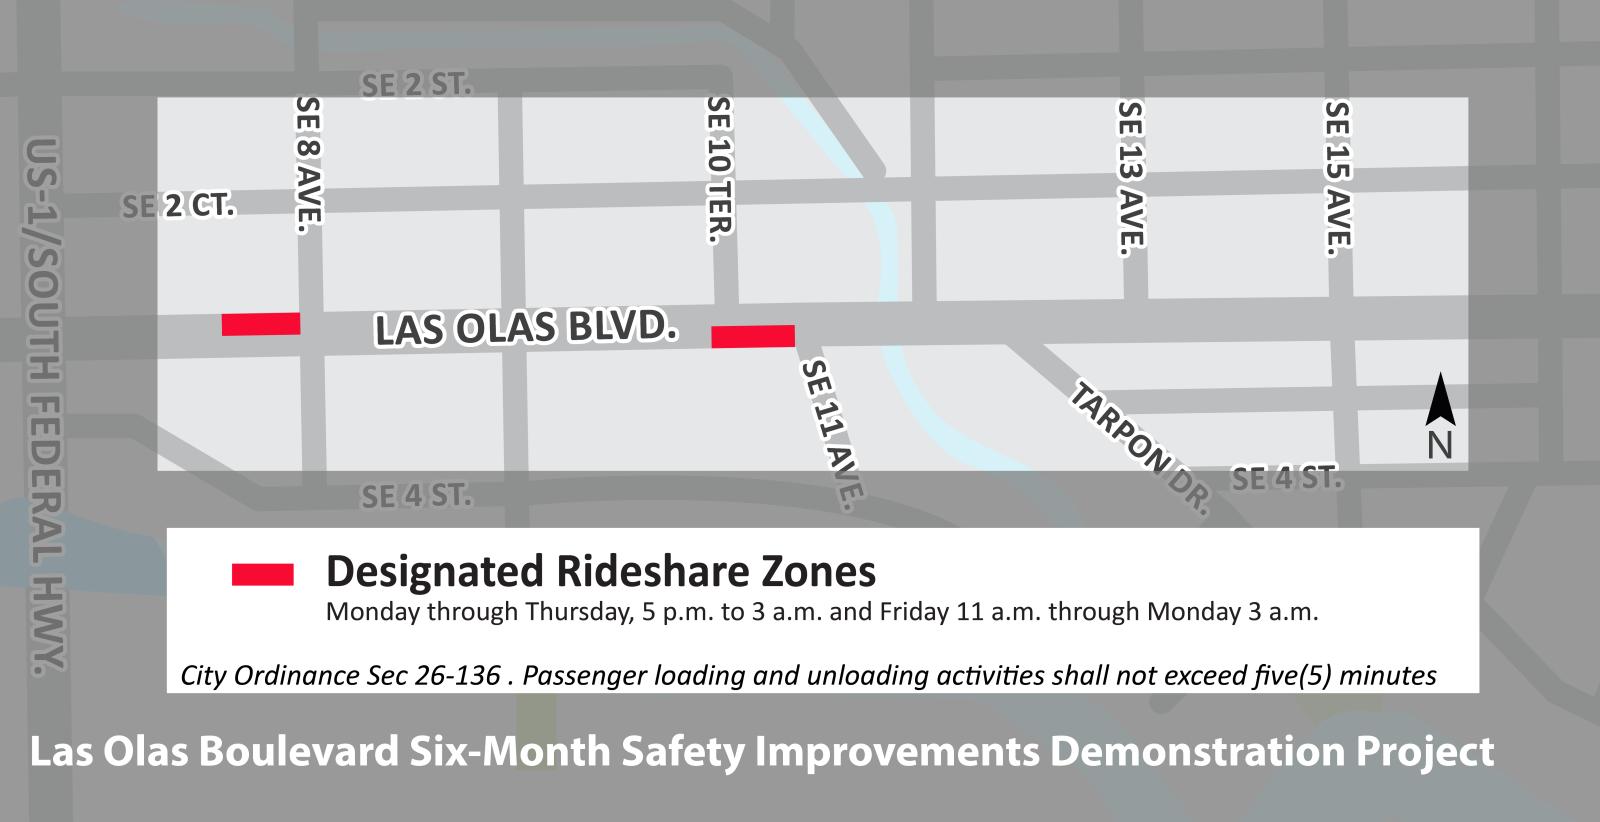 City of Fort Lauderdale, FL : Designated Rideshare Zones